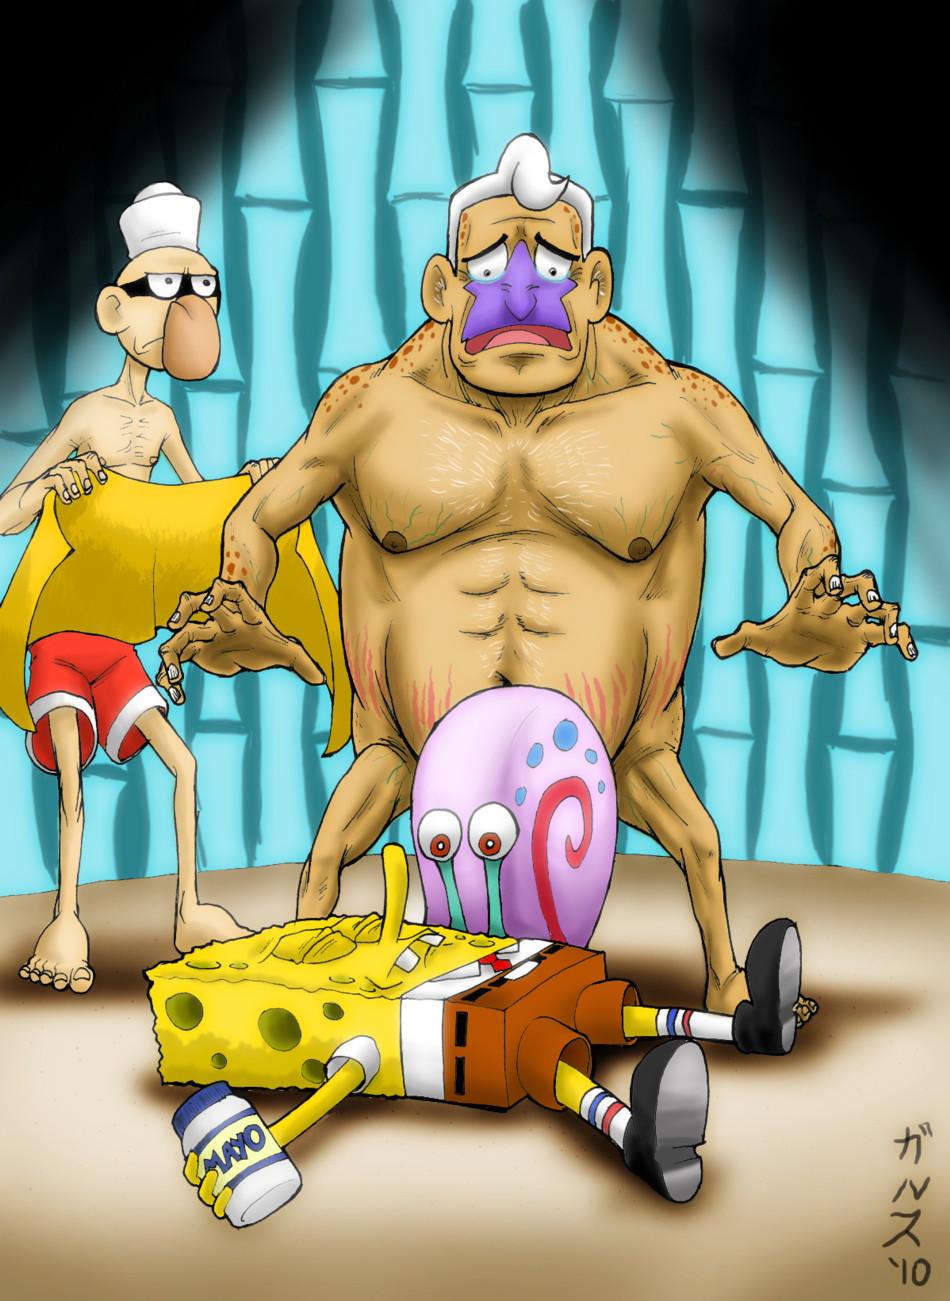 Gay spongebob hentai